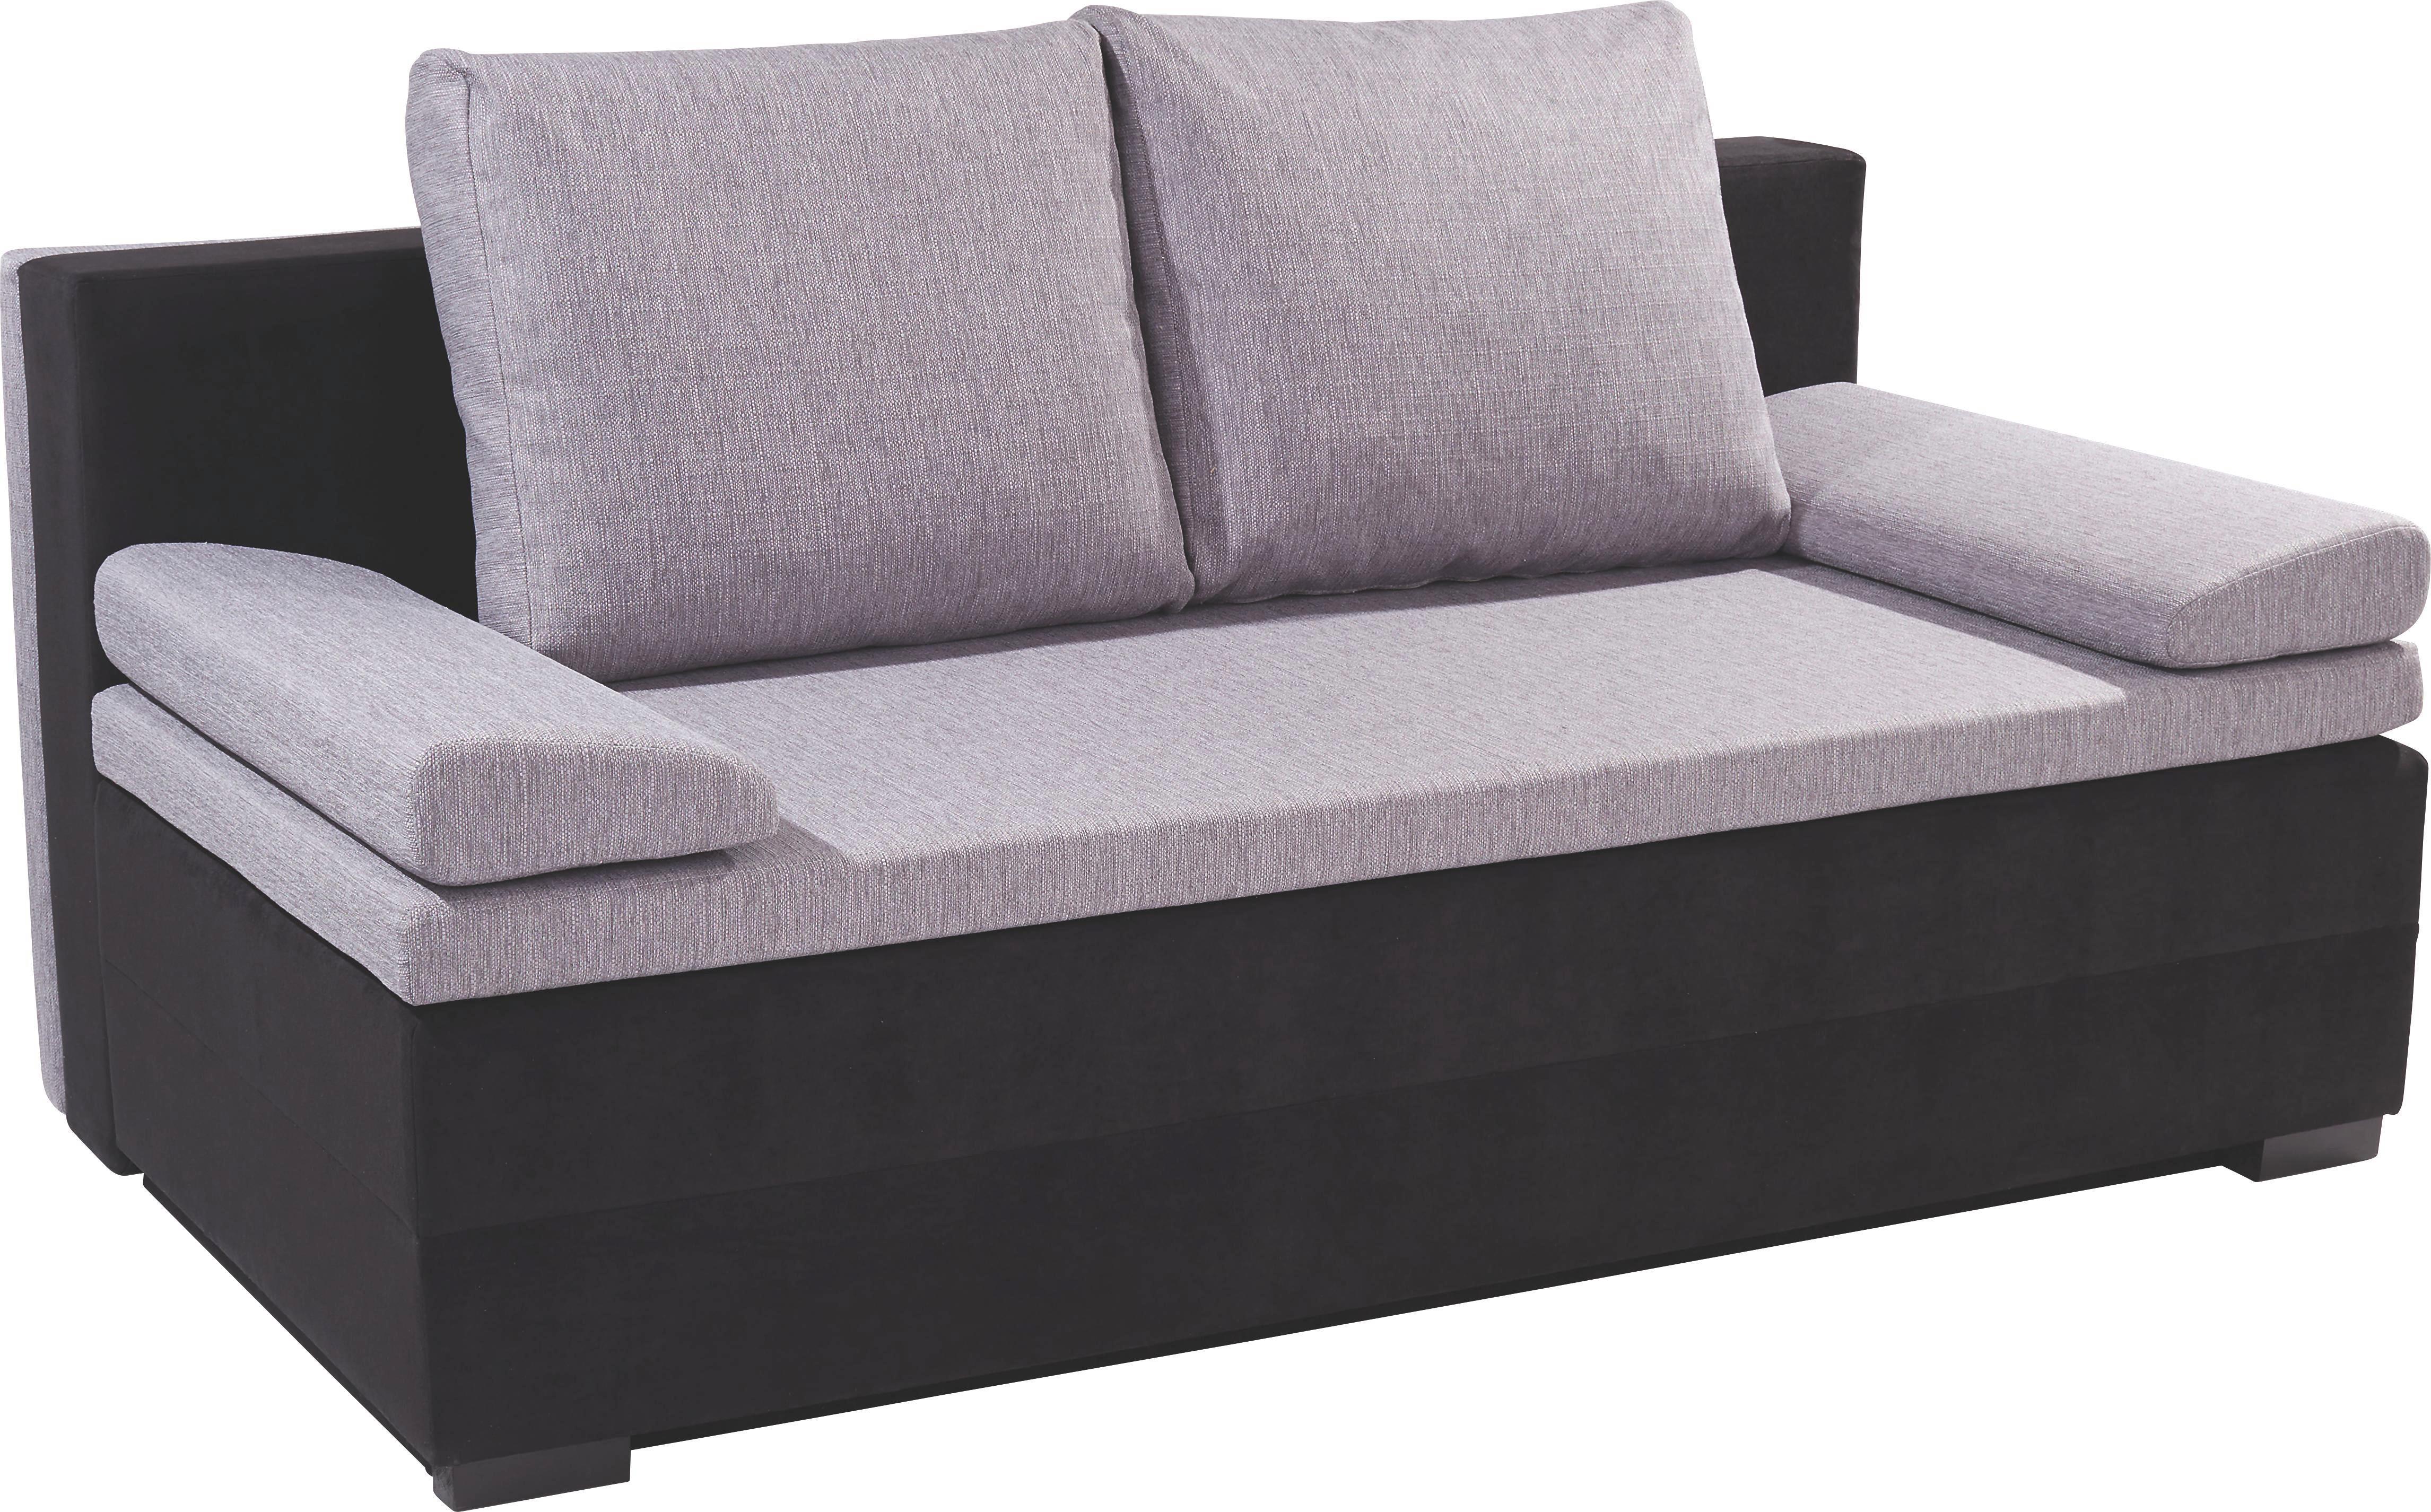 Kanapéágy Lilly 2 - fekete/szürke, modern, textil (200/95/110cm)